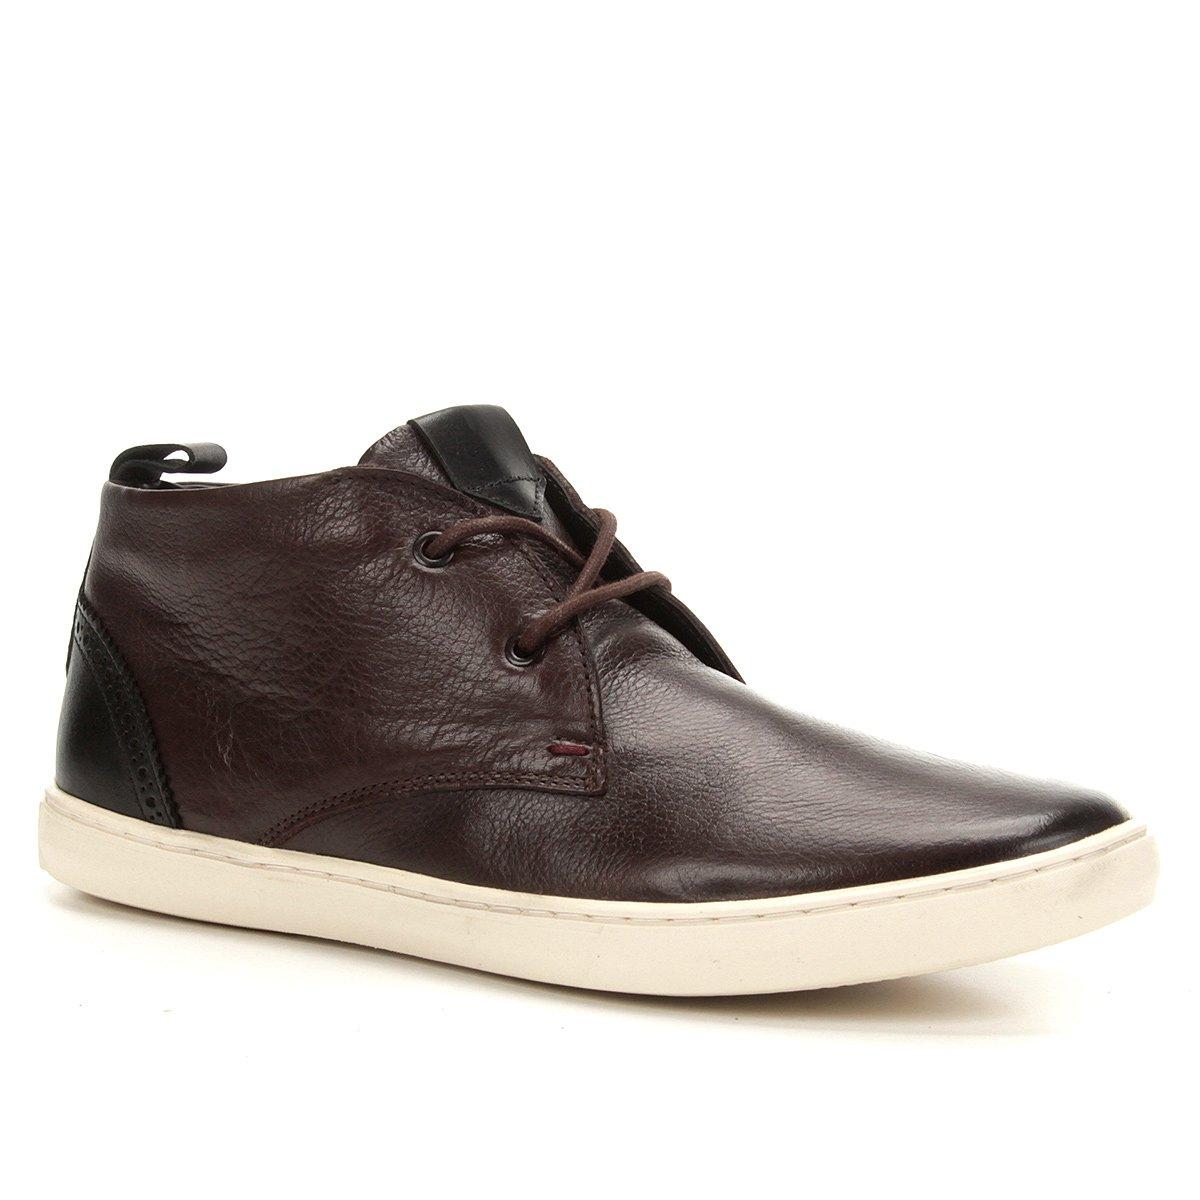 6f919f0ffd7 Sapatênis Couro Shoestock Cano Curto Masculino - Compre Agora ...